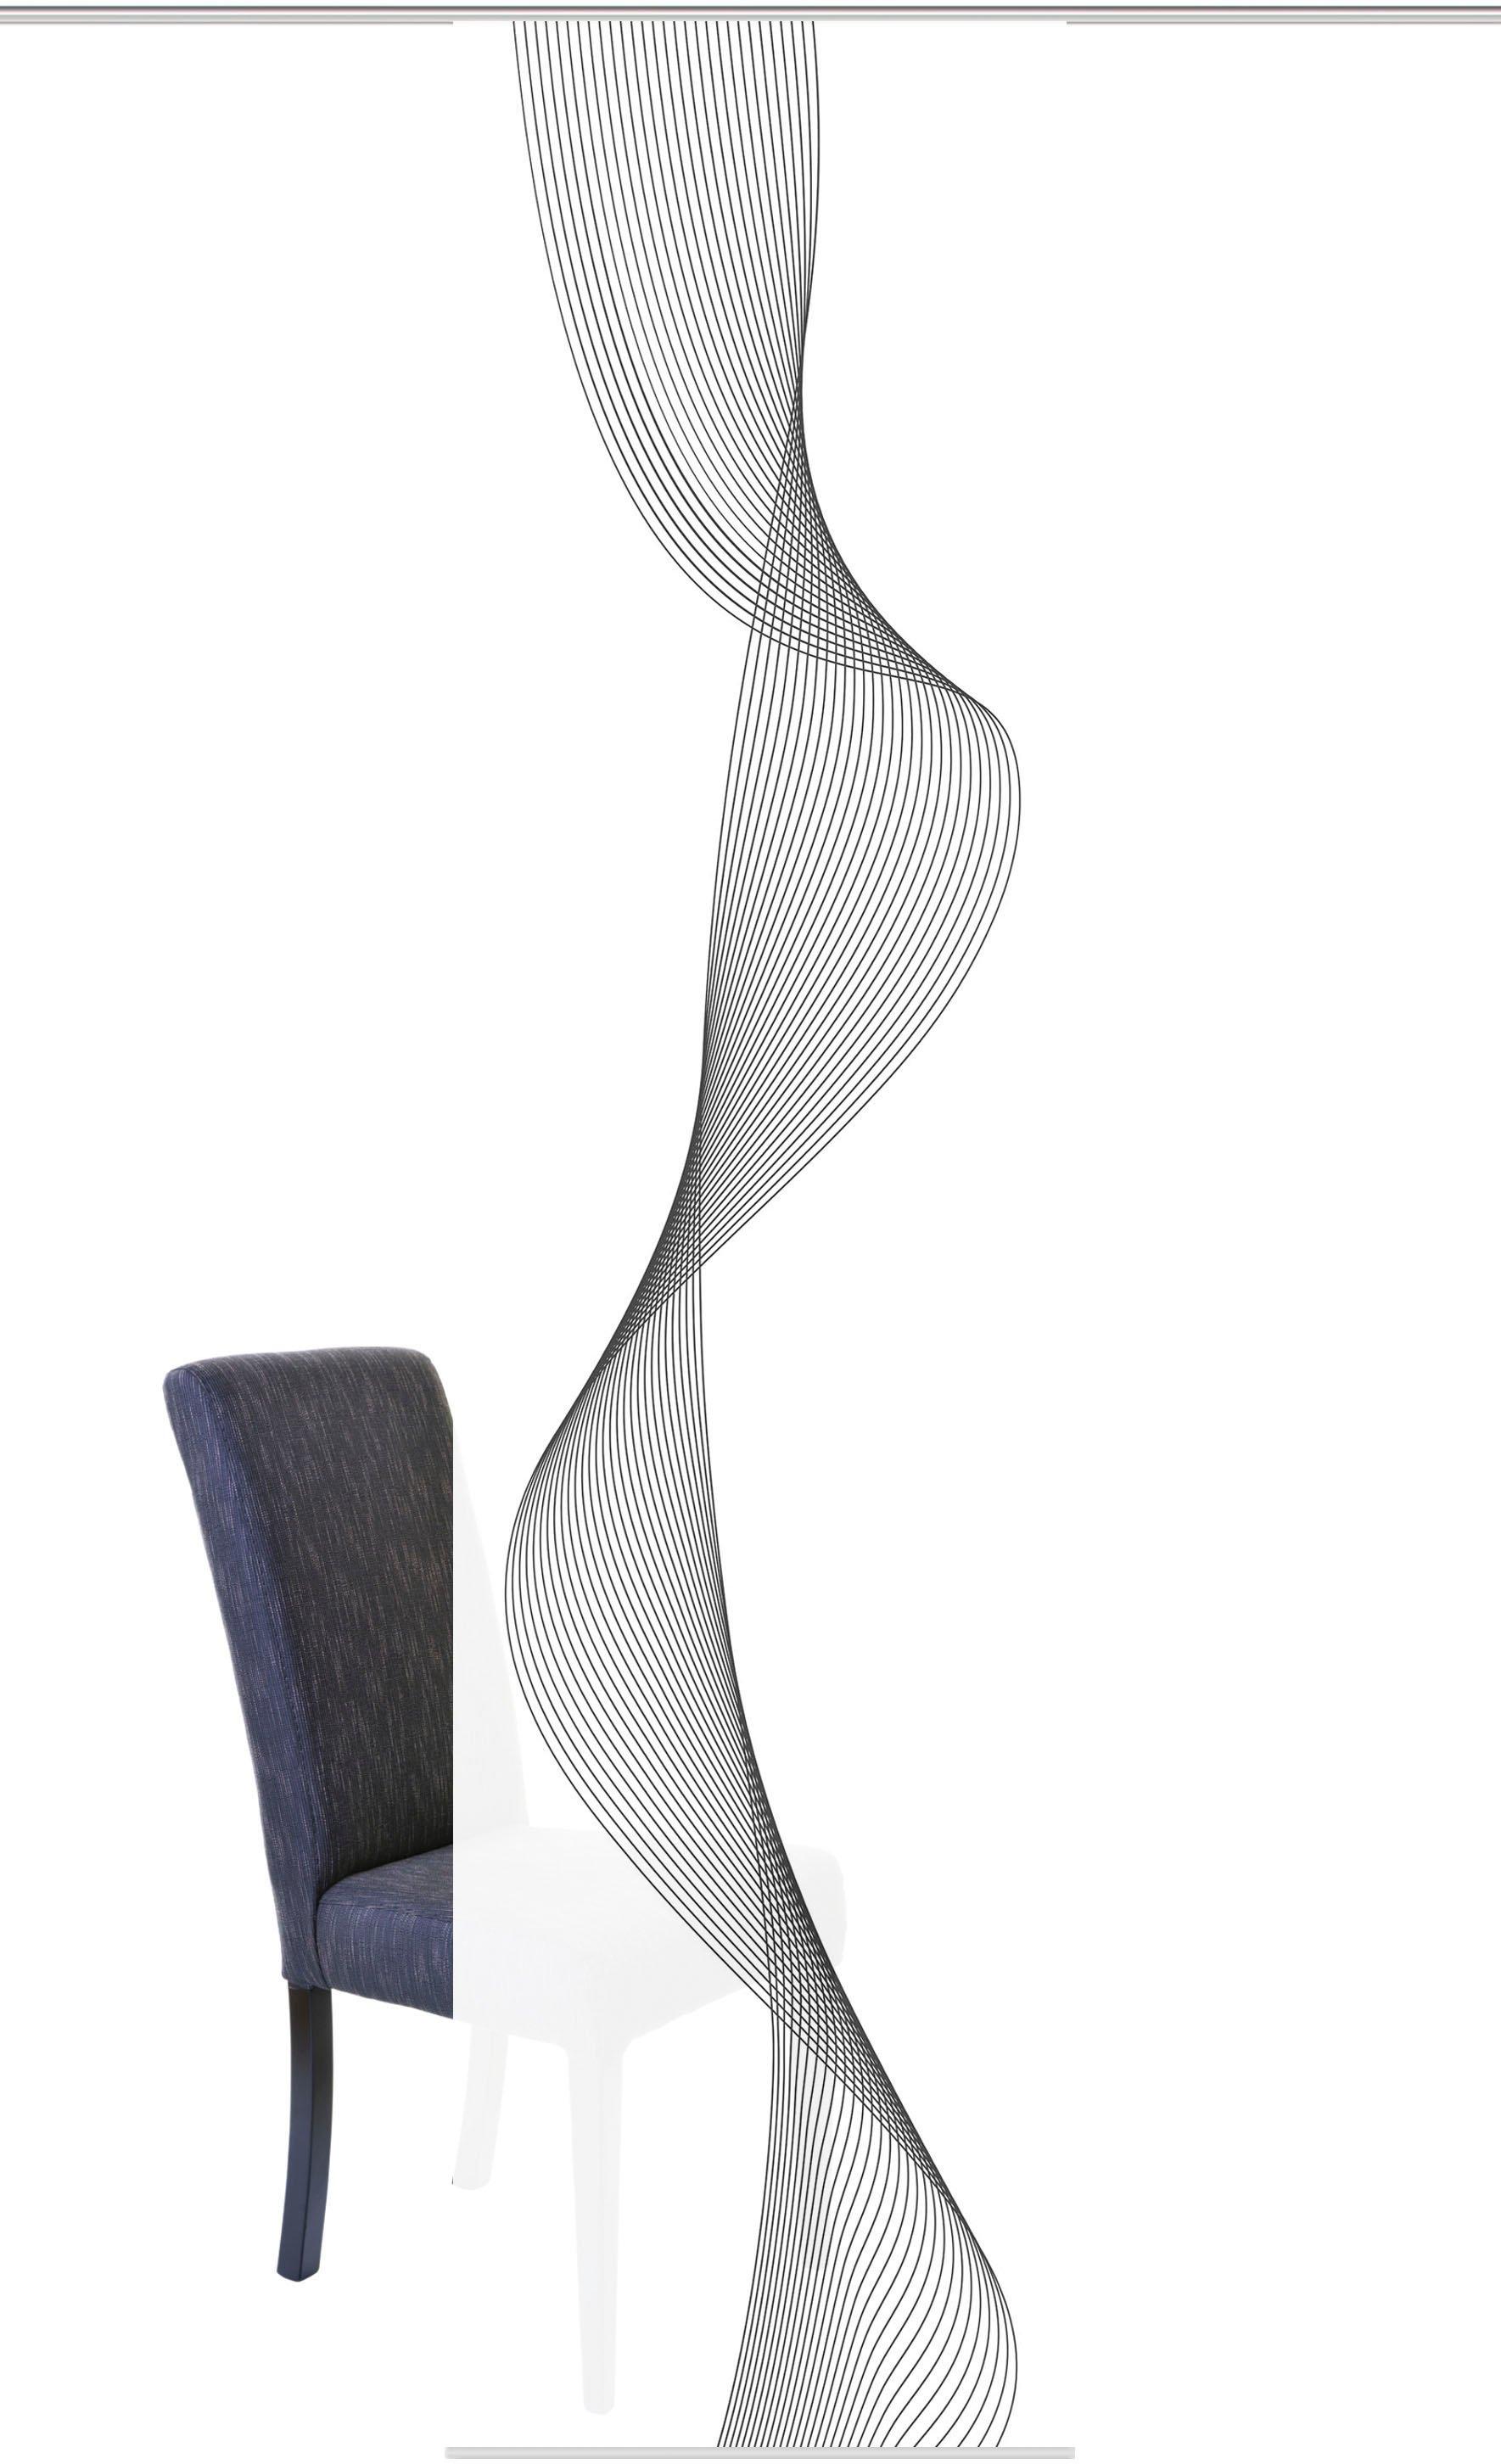 HOME WOHNIDEEN paneelgordijn COLIBA HxB: 245x60, digitale print van decostof (1 stuk) - verschillende betaalmethodes